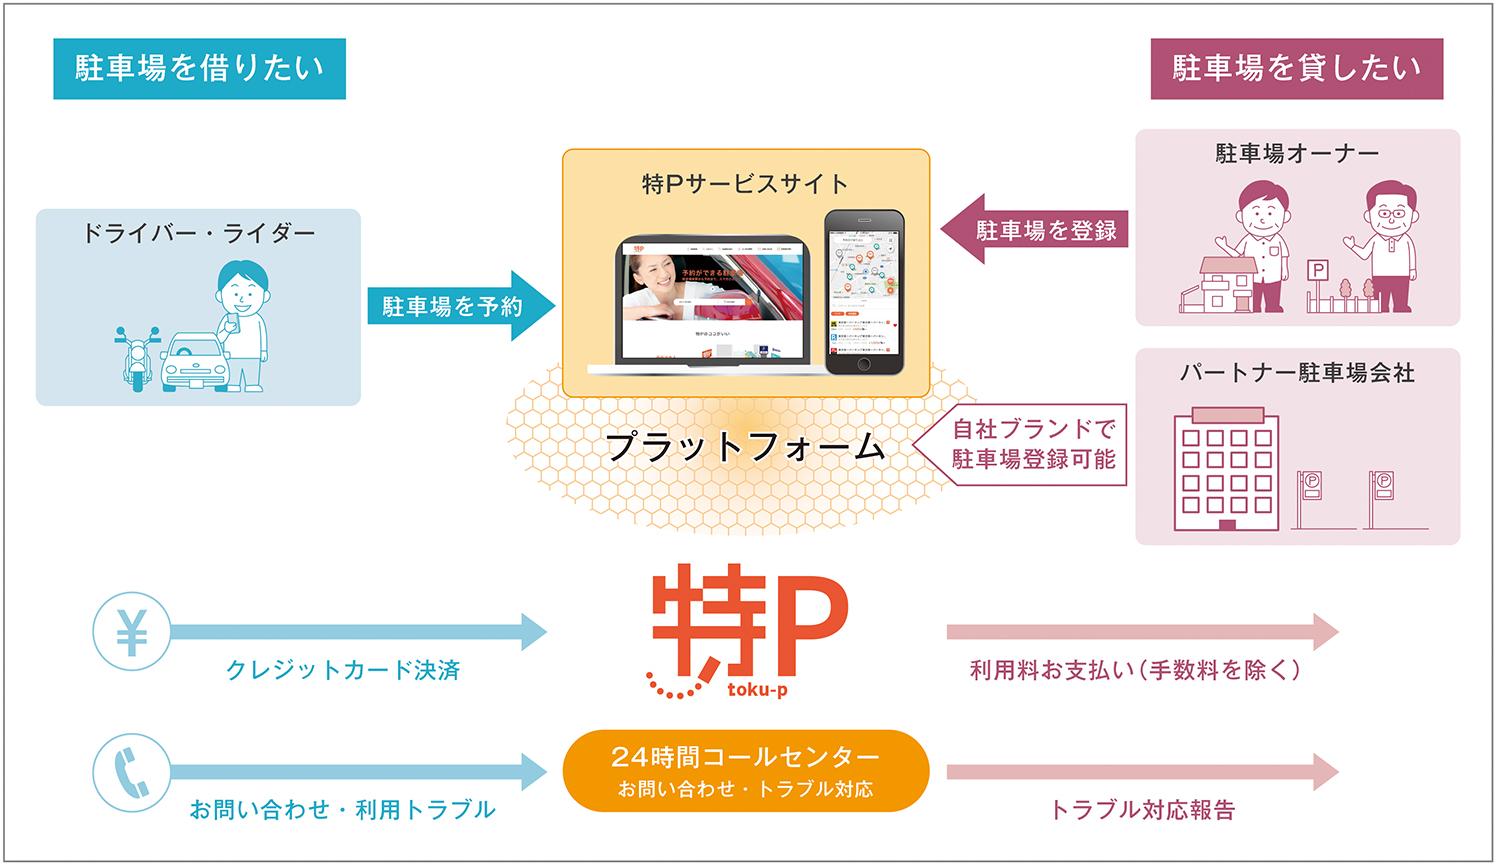 サービスモデル図